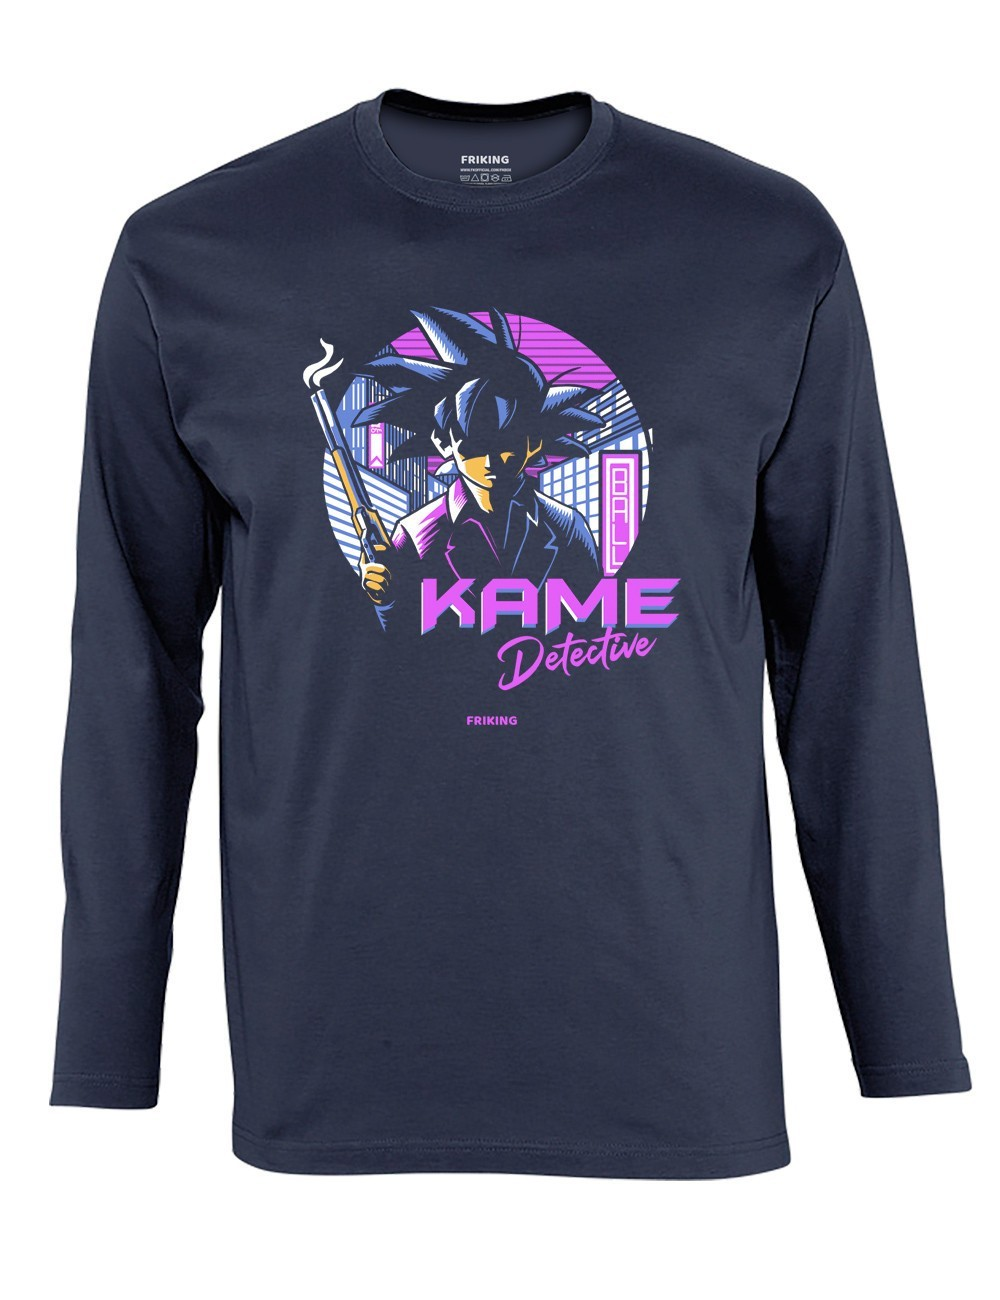 Kame detective